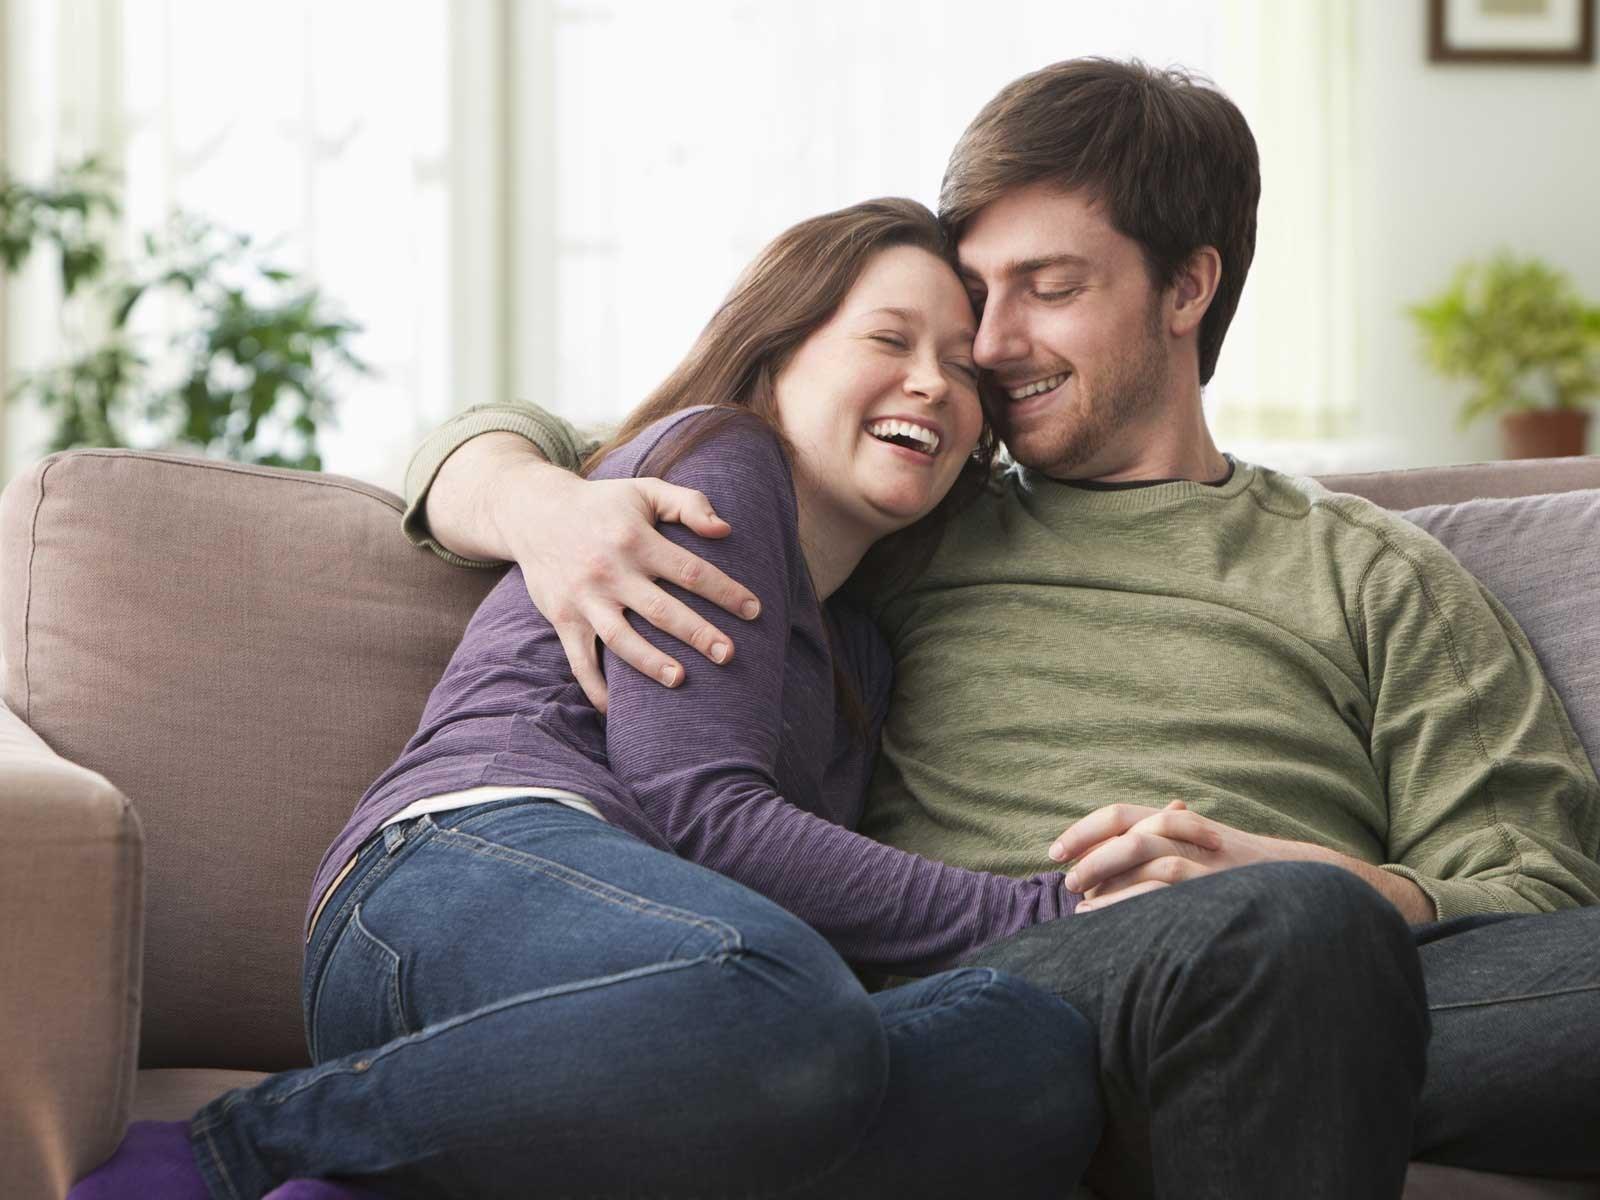 søt og frekk dating sex uten kondom dating